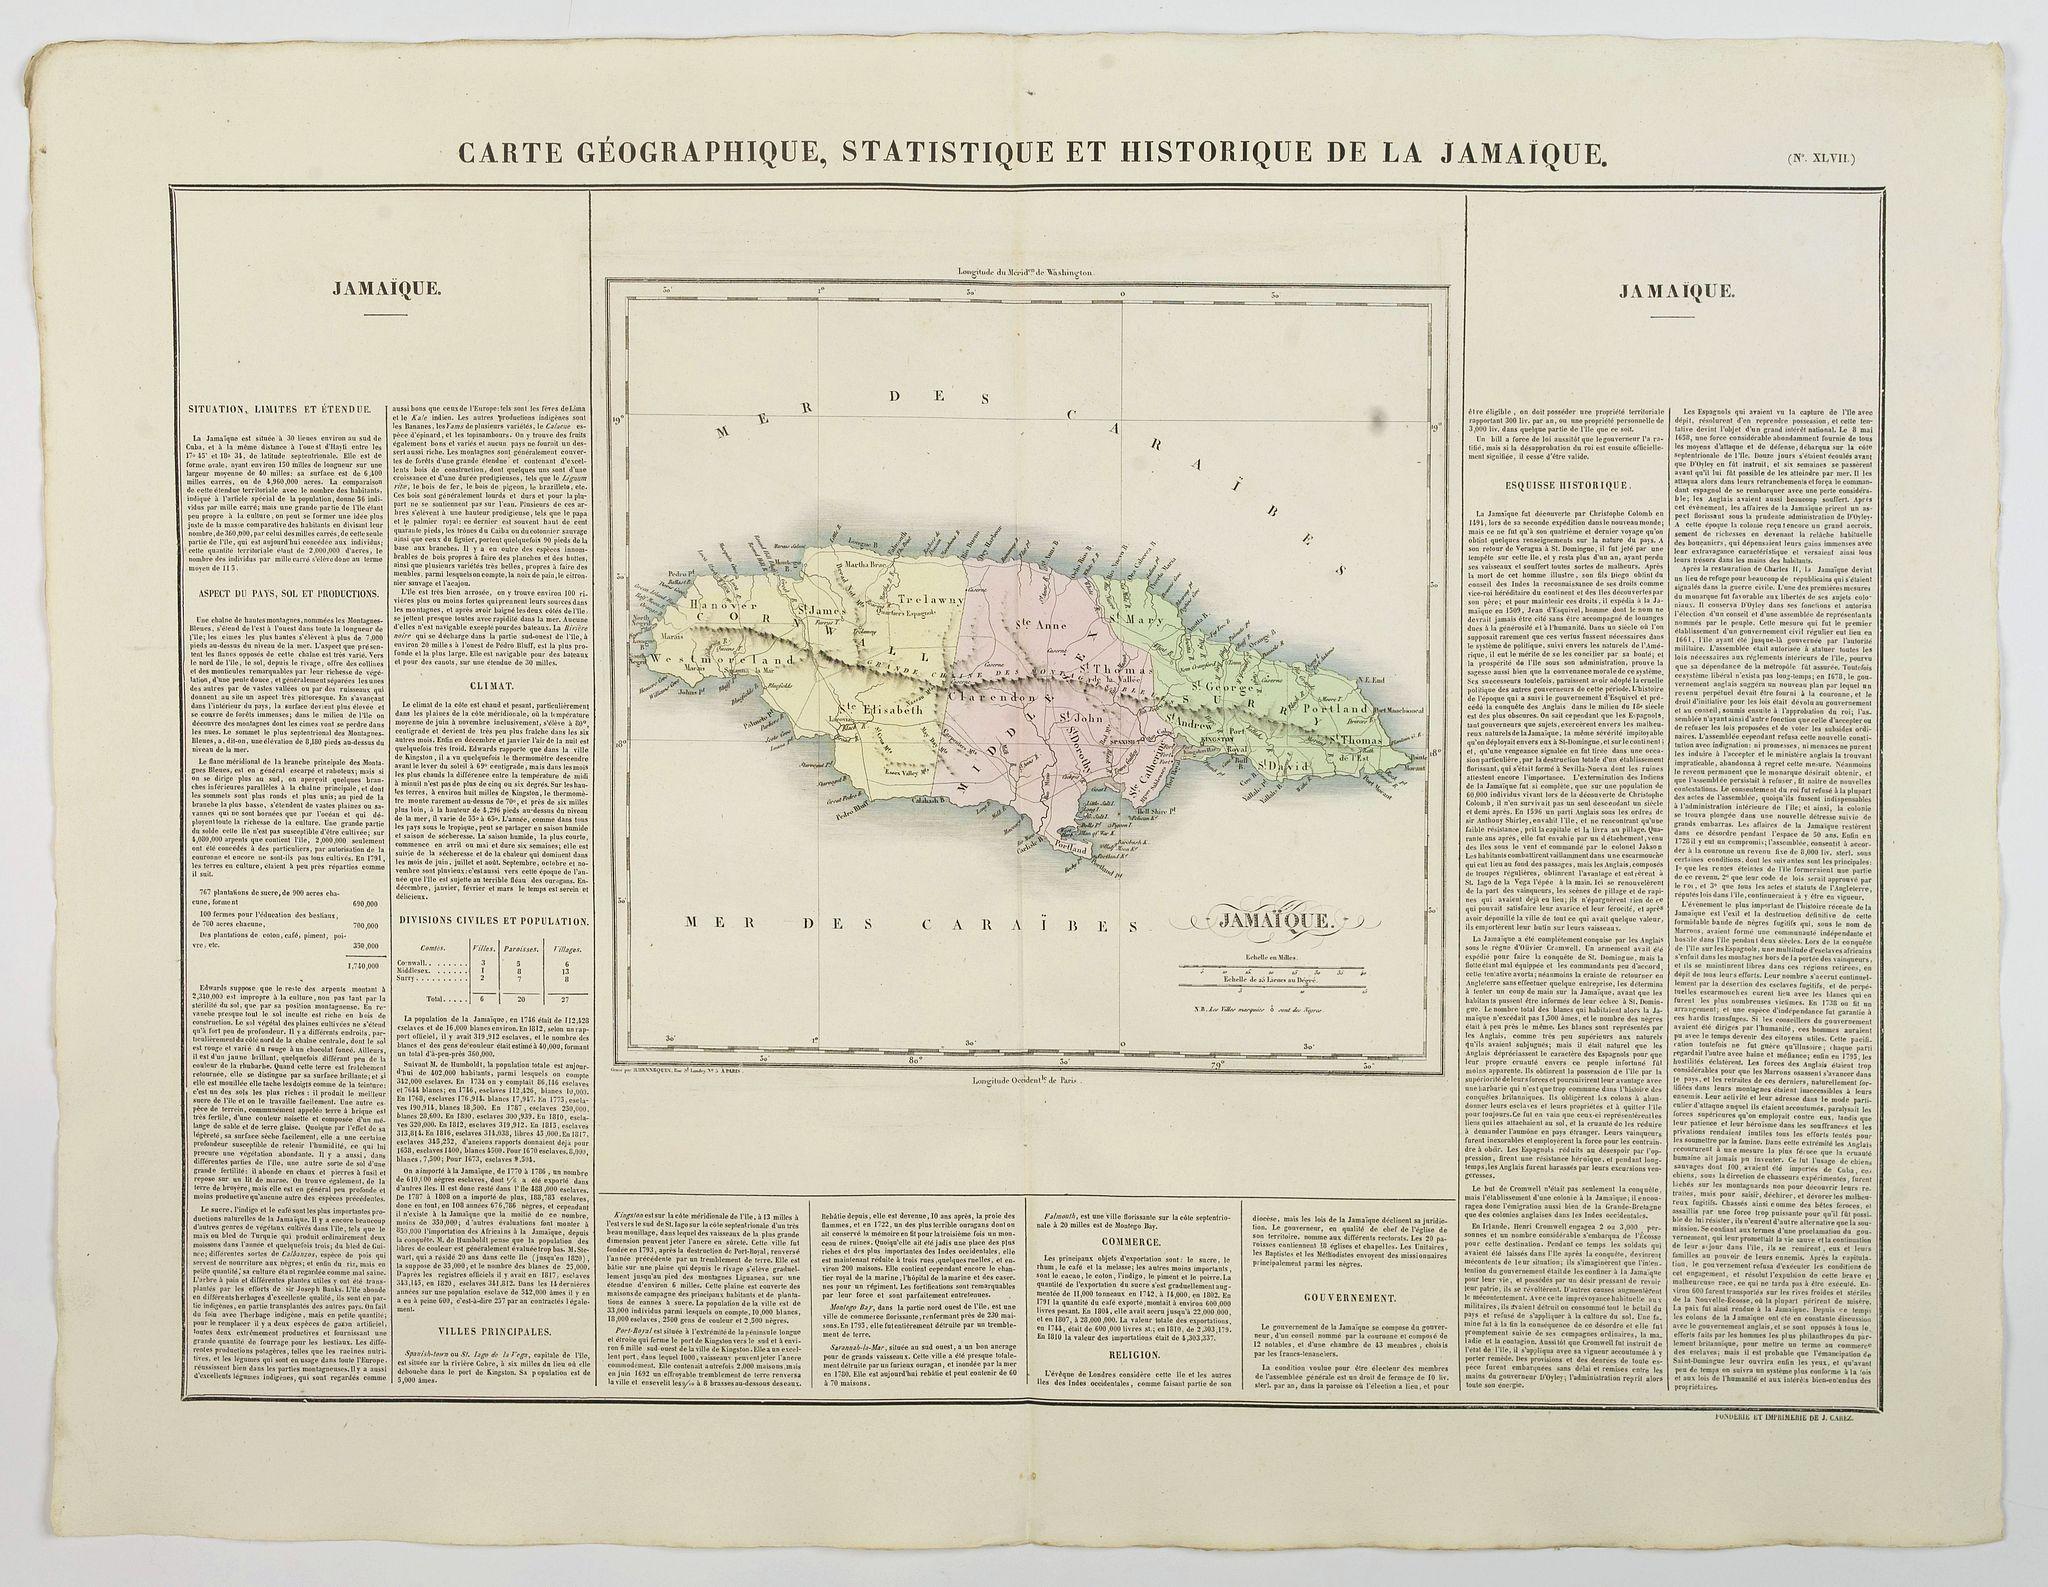 BUCHON, J.A. -  Carte Geographique, Statistique et Historique de la Jamaique.